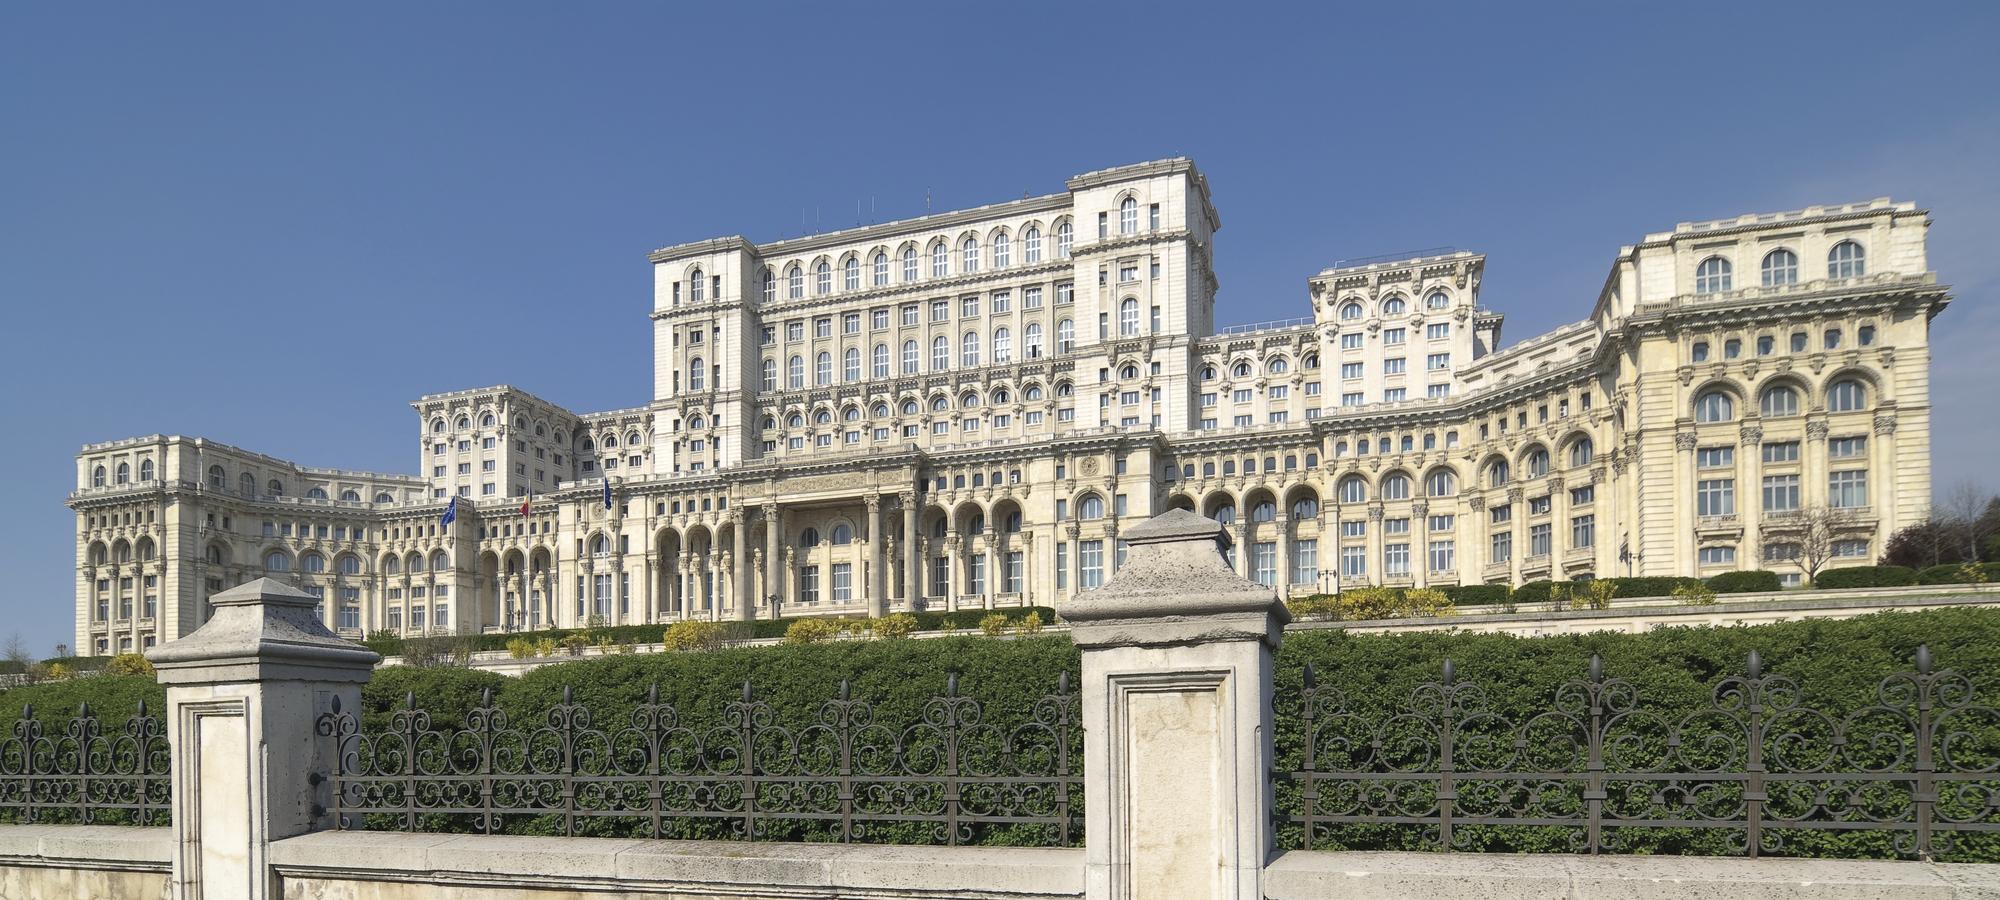 Rumänien aktiv: Wandern in den Karpaten